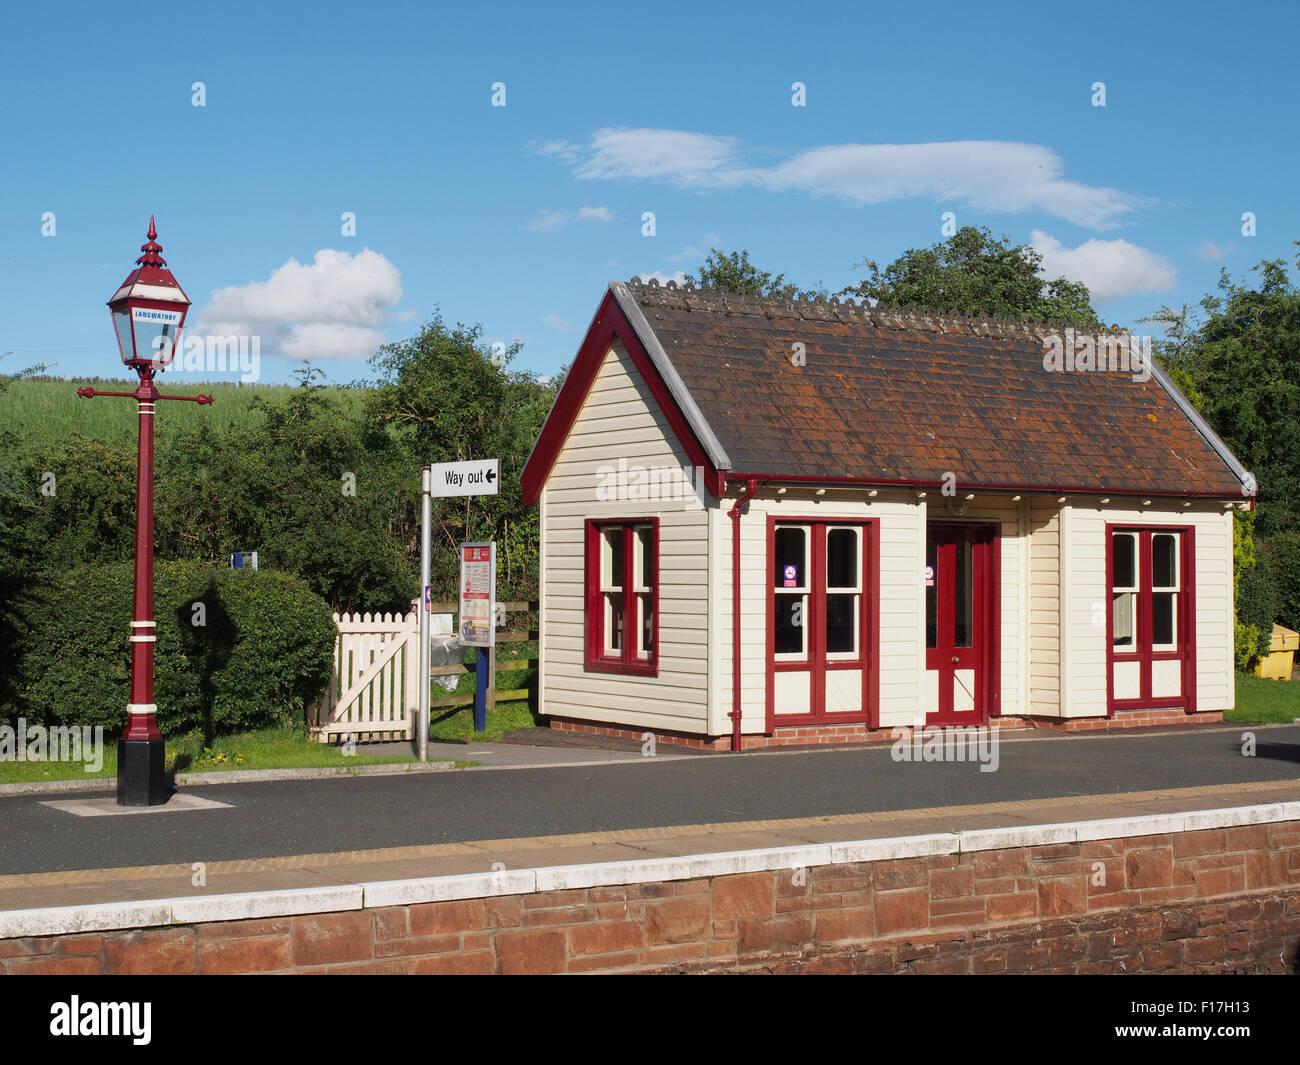 L'ancienne salle d'attente sur la plate-forme à Langwathby station sur la ligne de chemin de fer - Carlisle s'installer dans la région de Cumbria, Angleterre. Banque D'Images